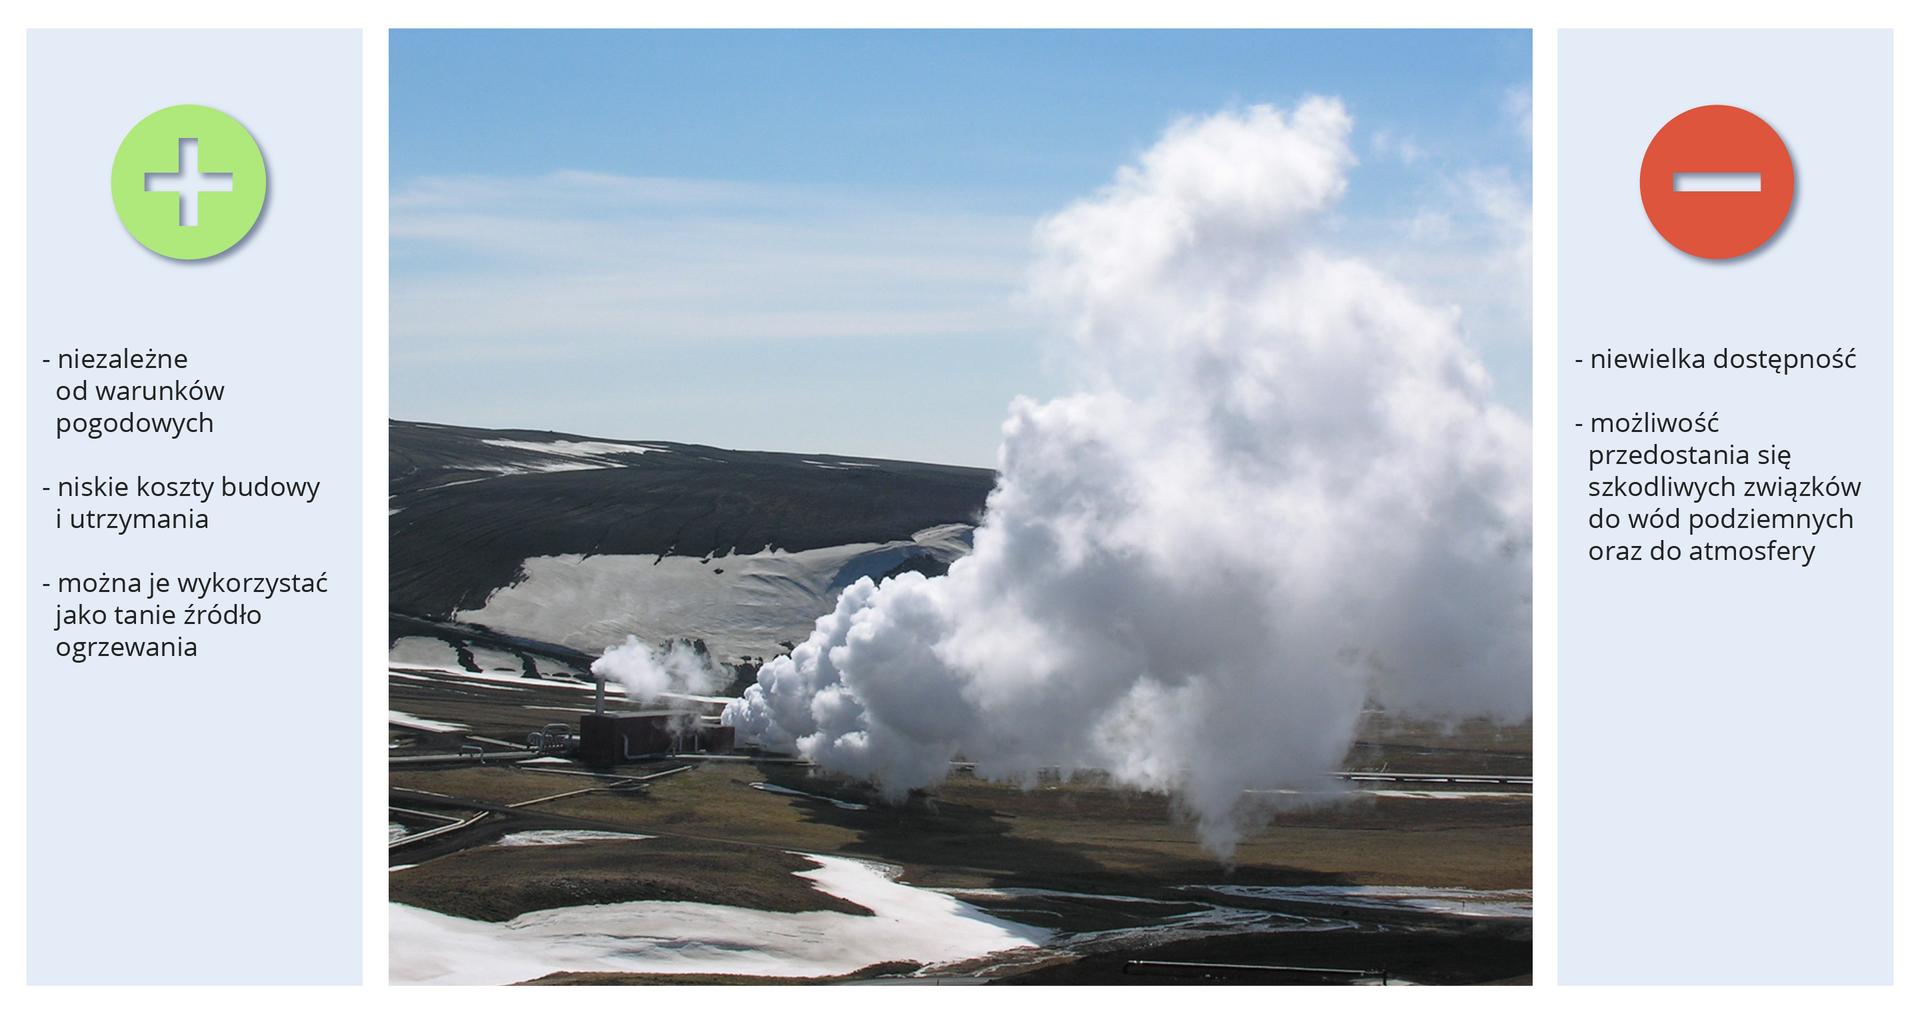 Slajd pokazuje chmurę pary wodnej wydobywającej się zgejzeru.